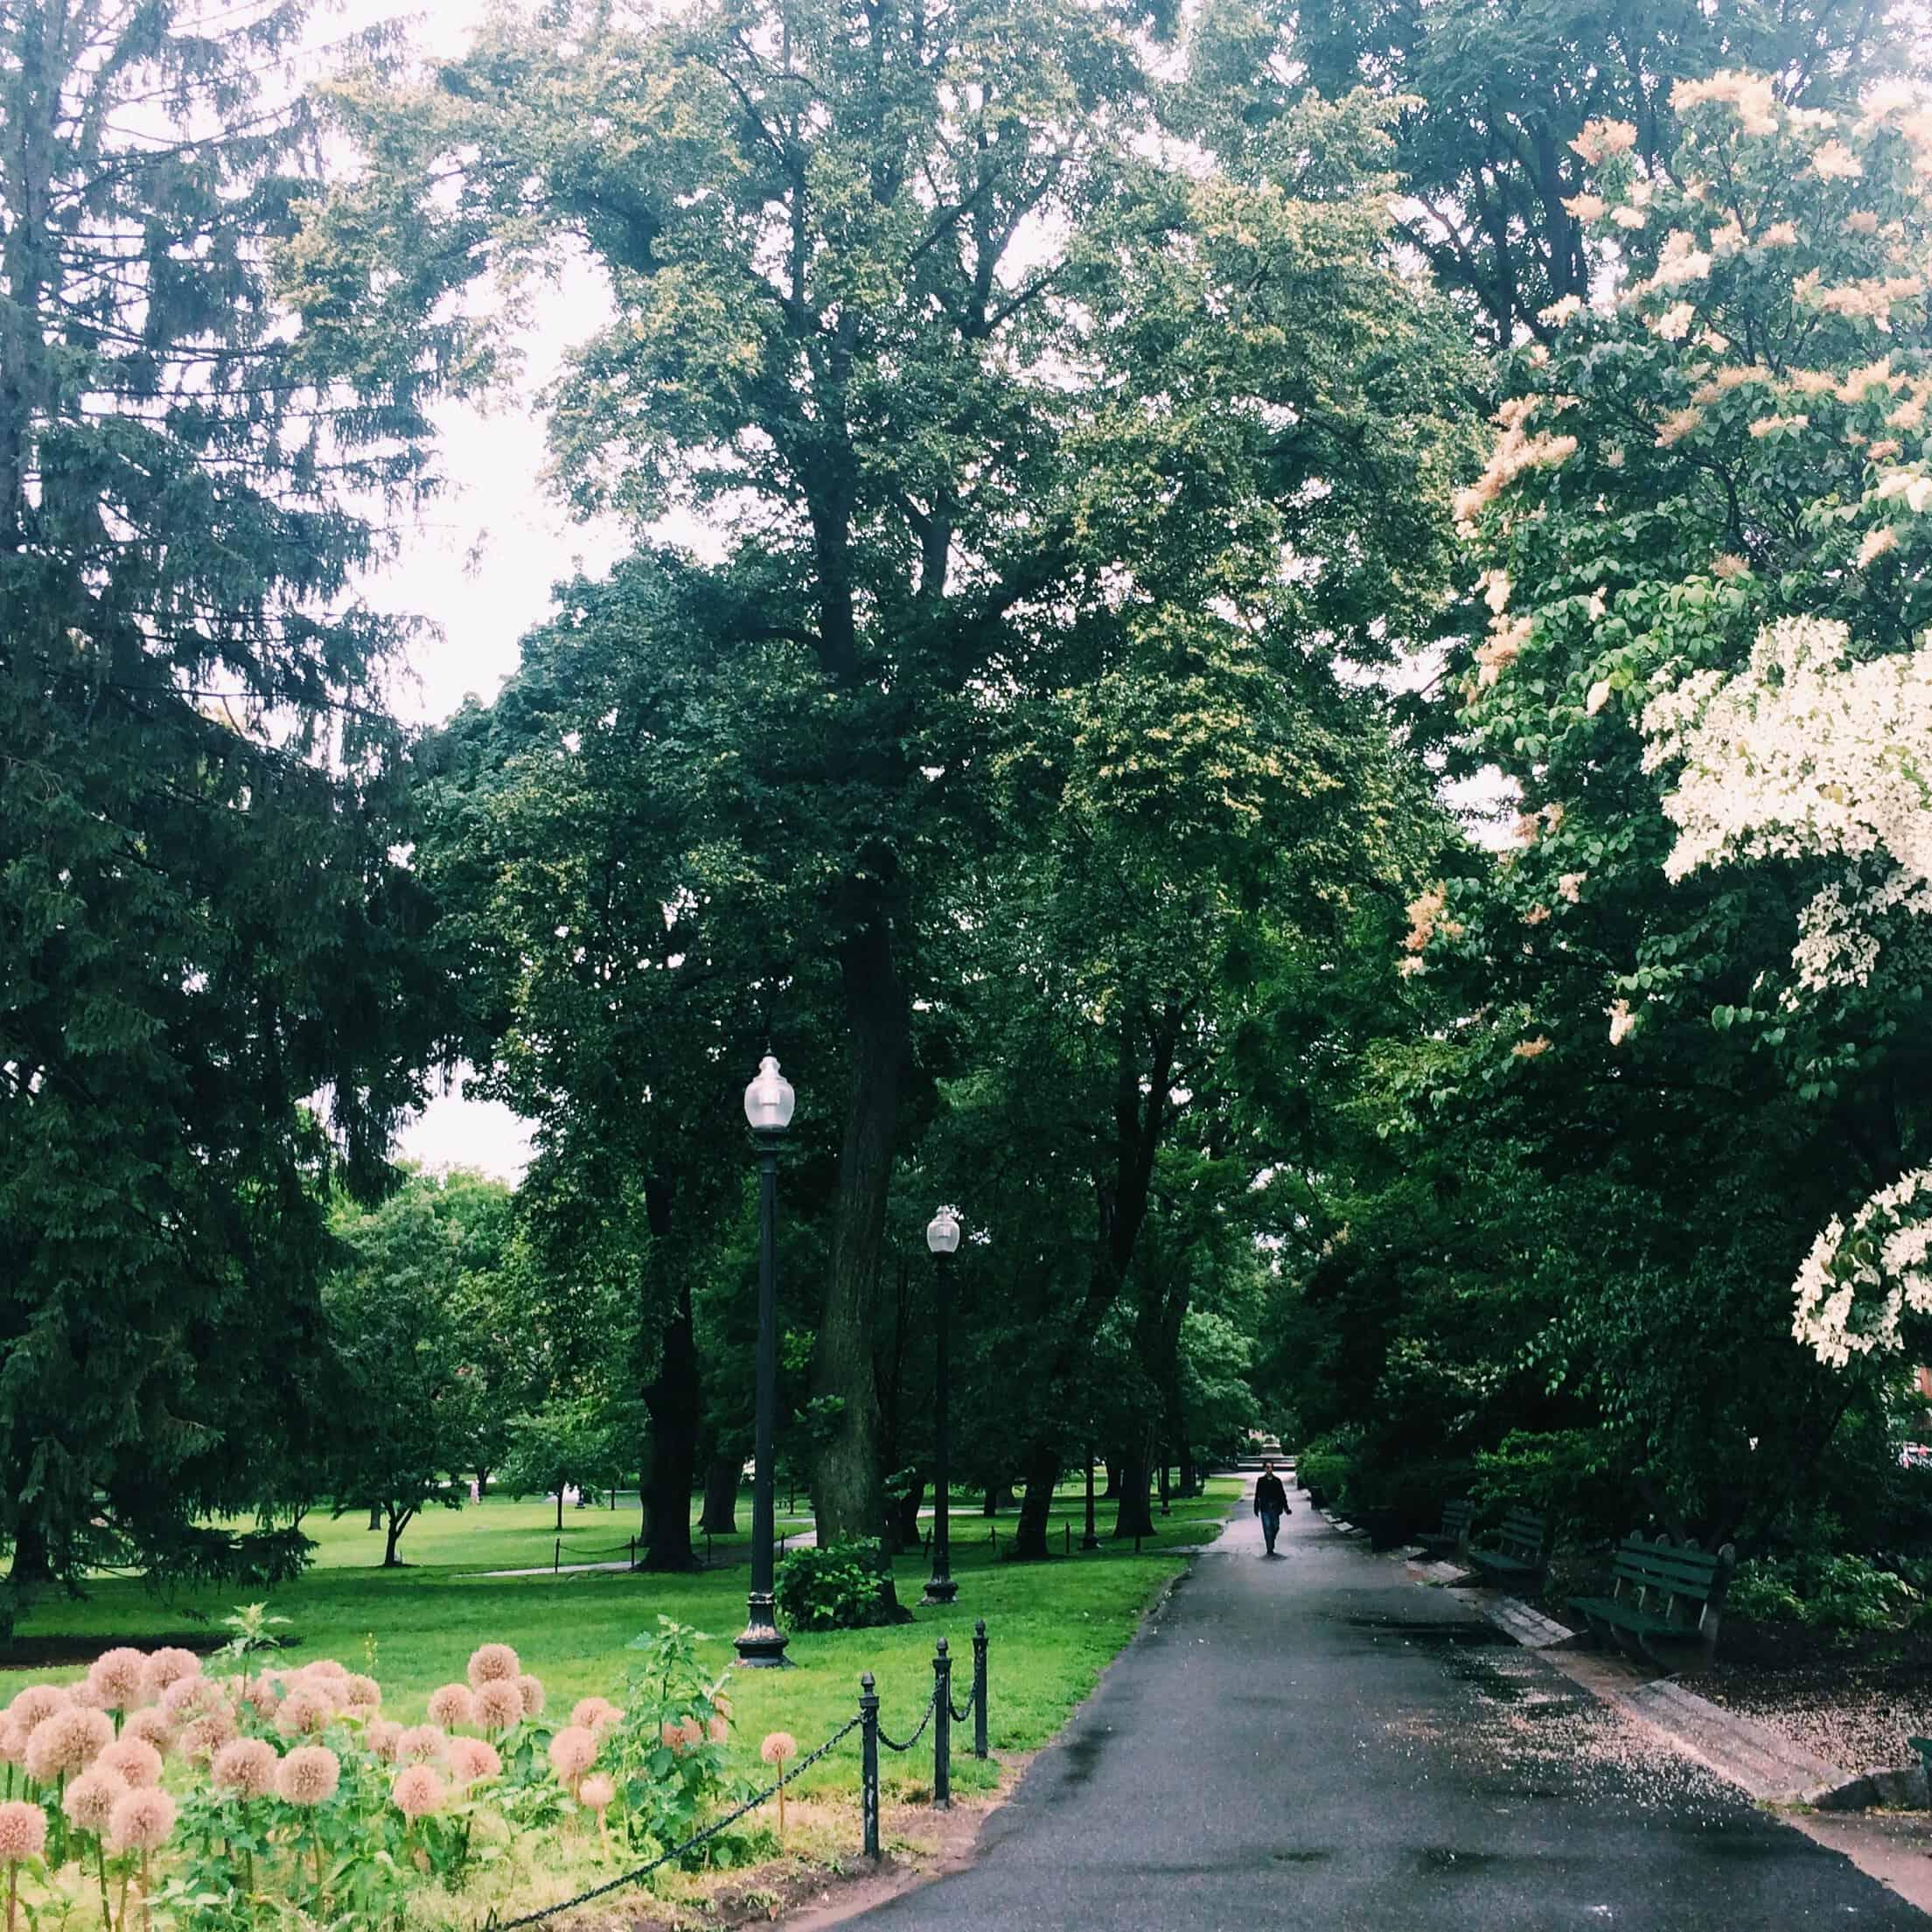 boston public garden june in review